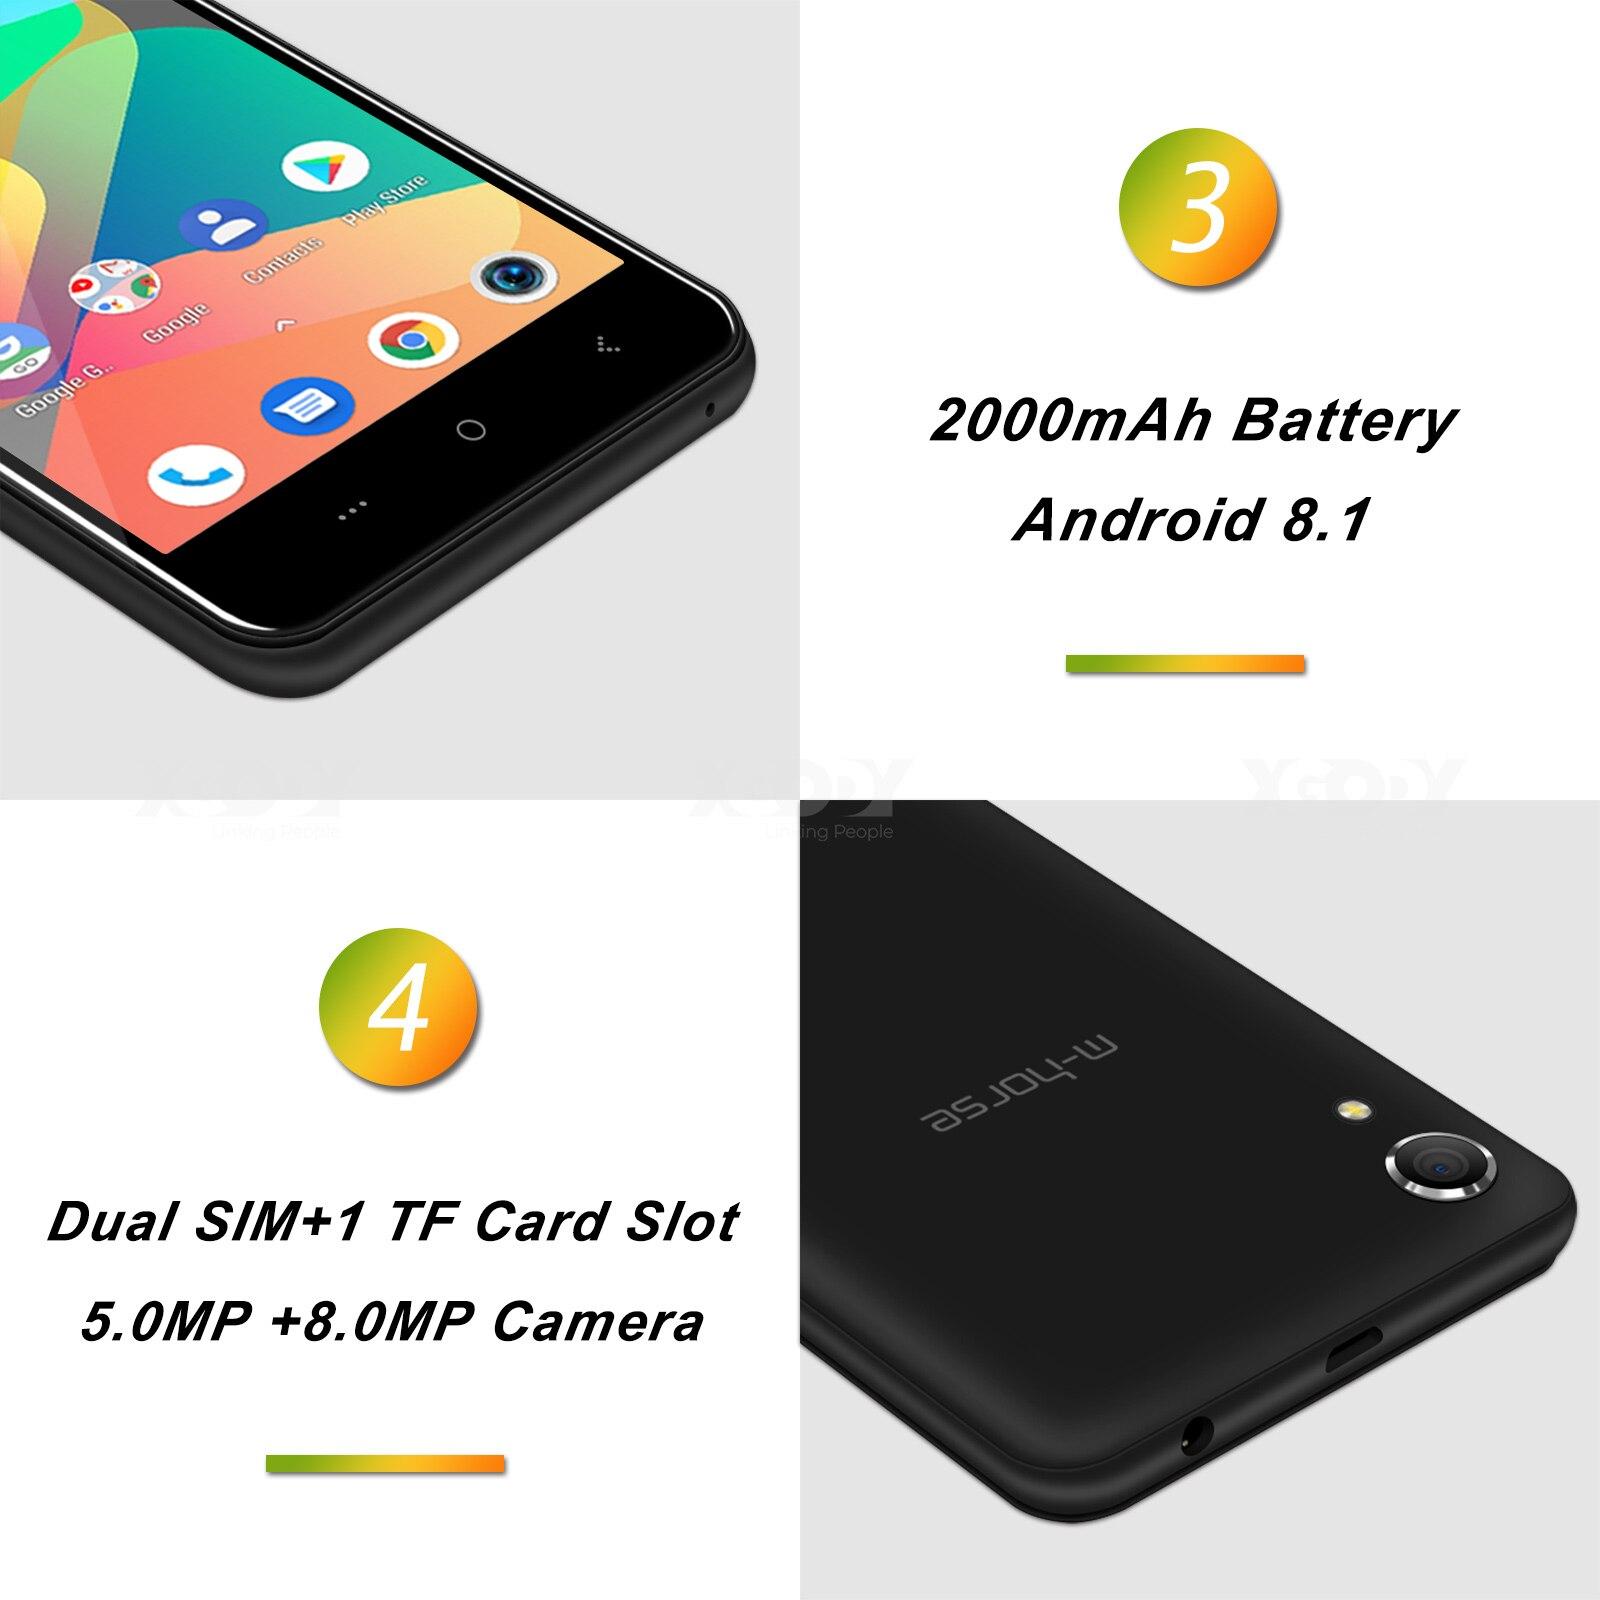 M-HORSE téléphone portable MTK6580 Quad Core Android 8.1 1GB RAM 8GB ROM 3G WCDMA 8.0MP 2000mAh double SIM Smartphone 5 pouces celulaire - 4